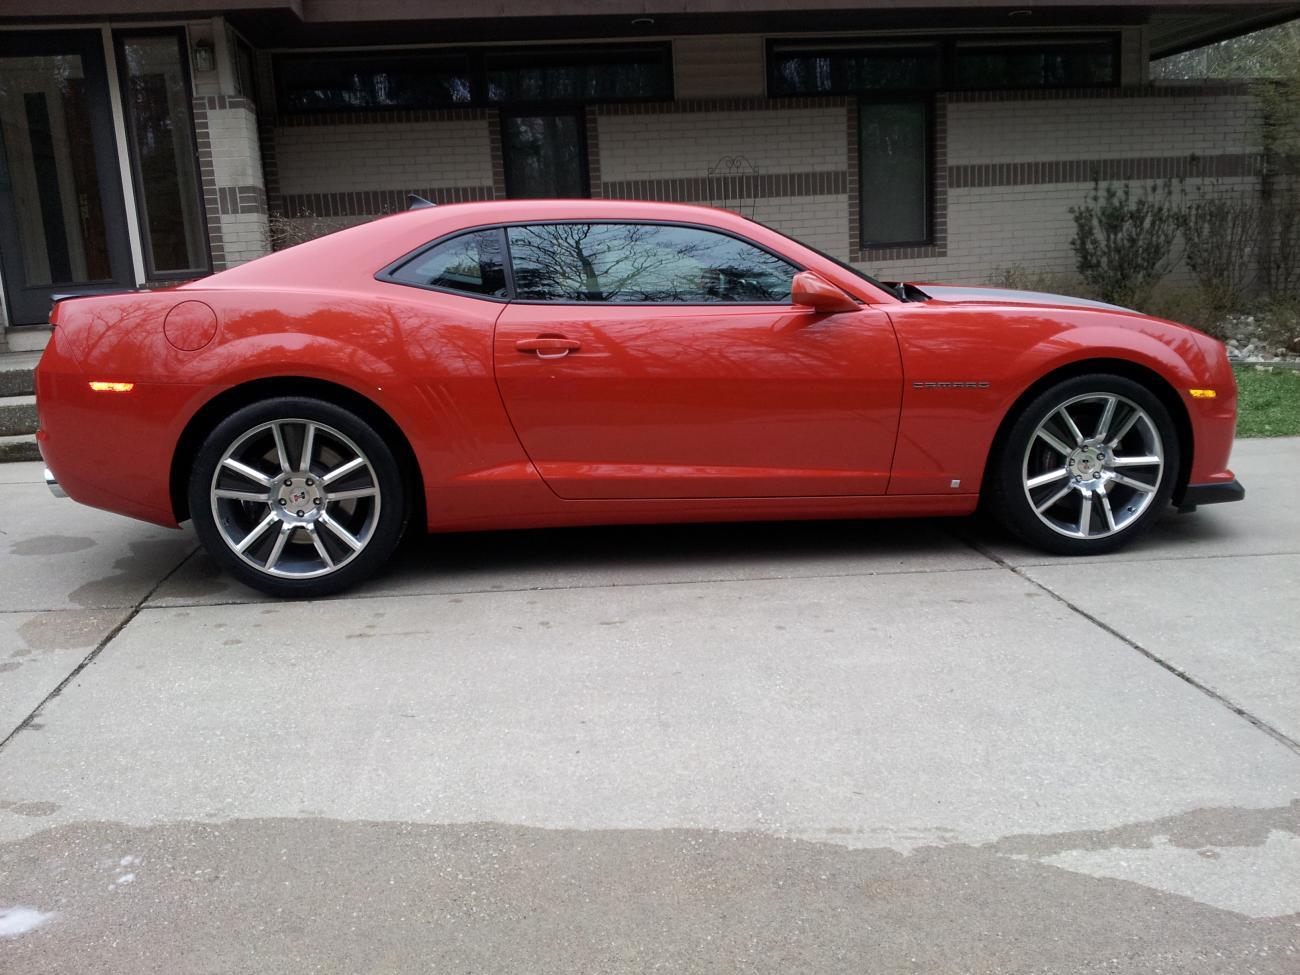 Hurst Stunners For Sale Camaro5 Chevy Camaro Forum